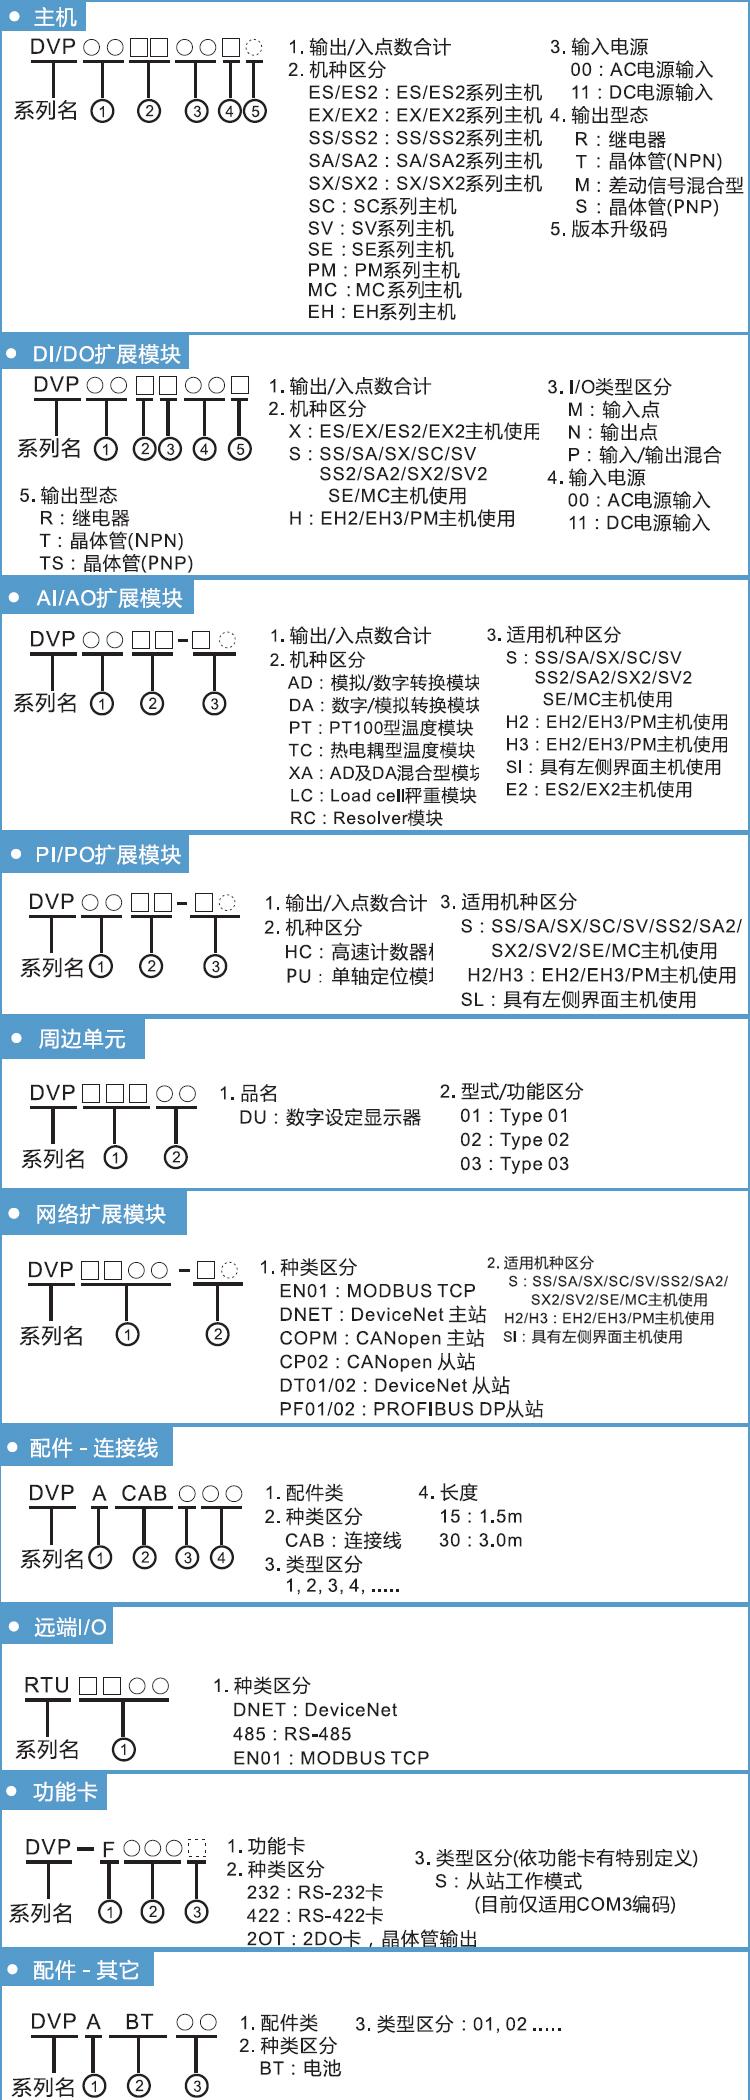 广西台达PLC DVP64EH00T3 中电自动化代理商